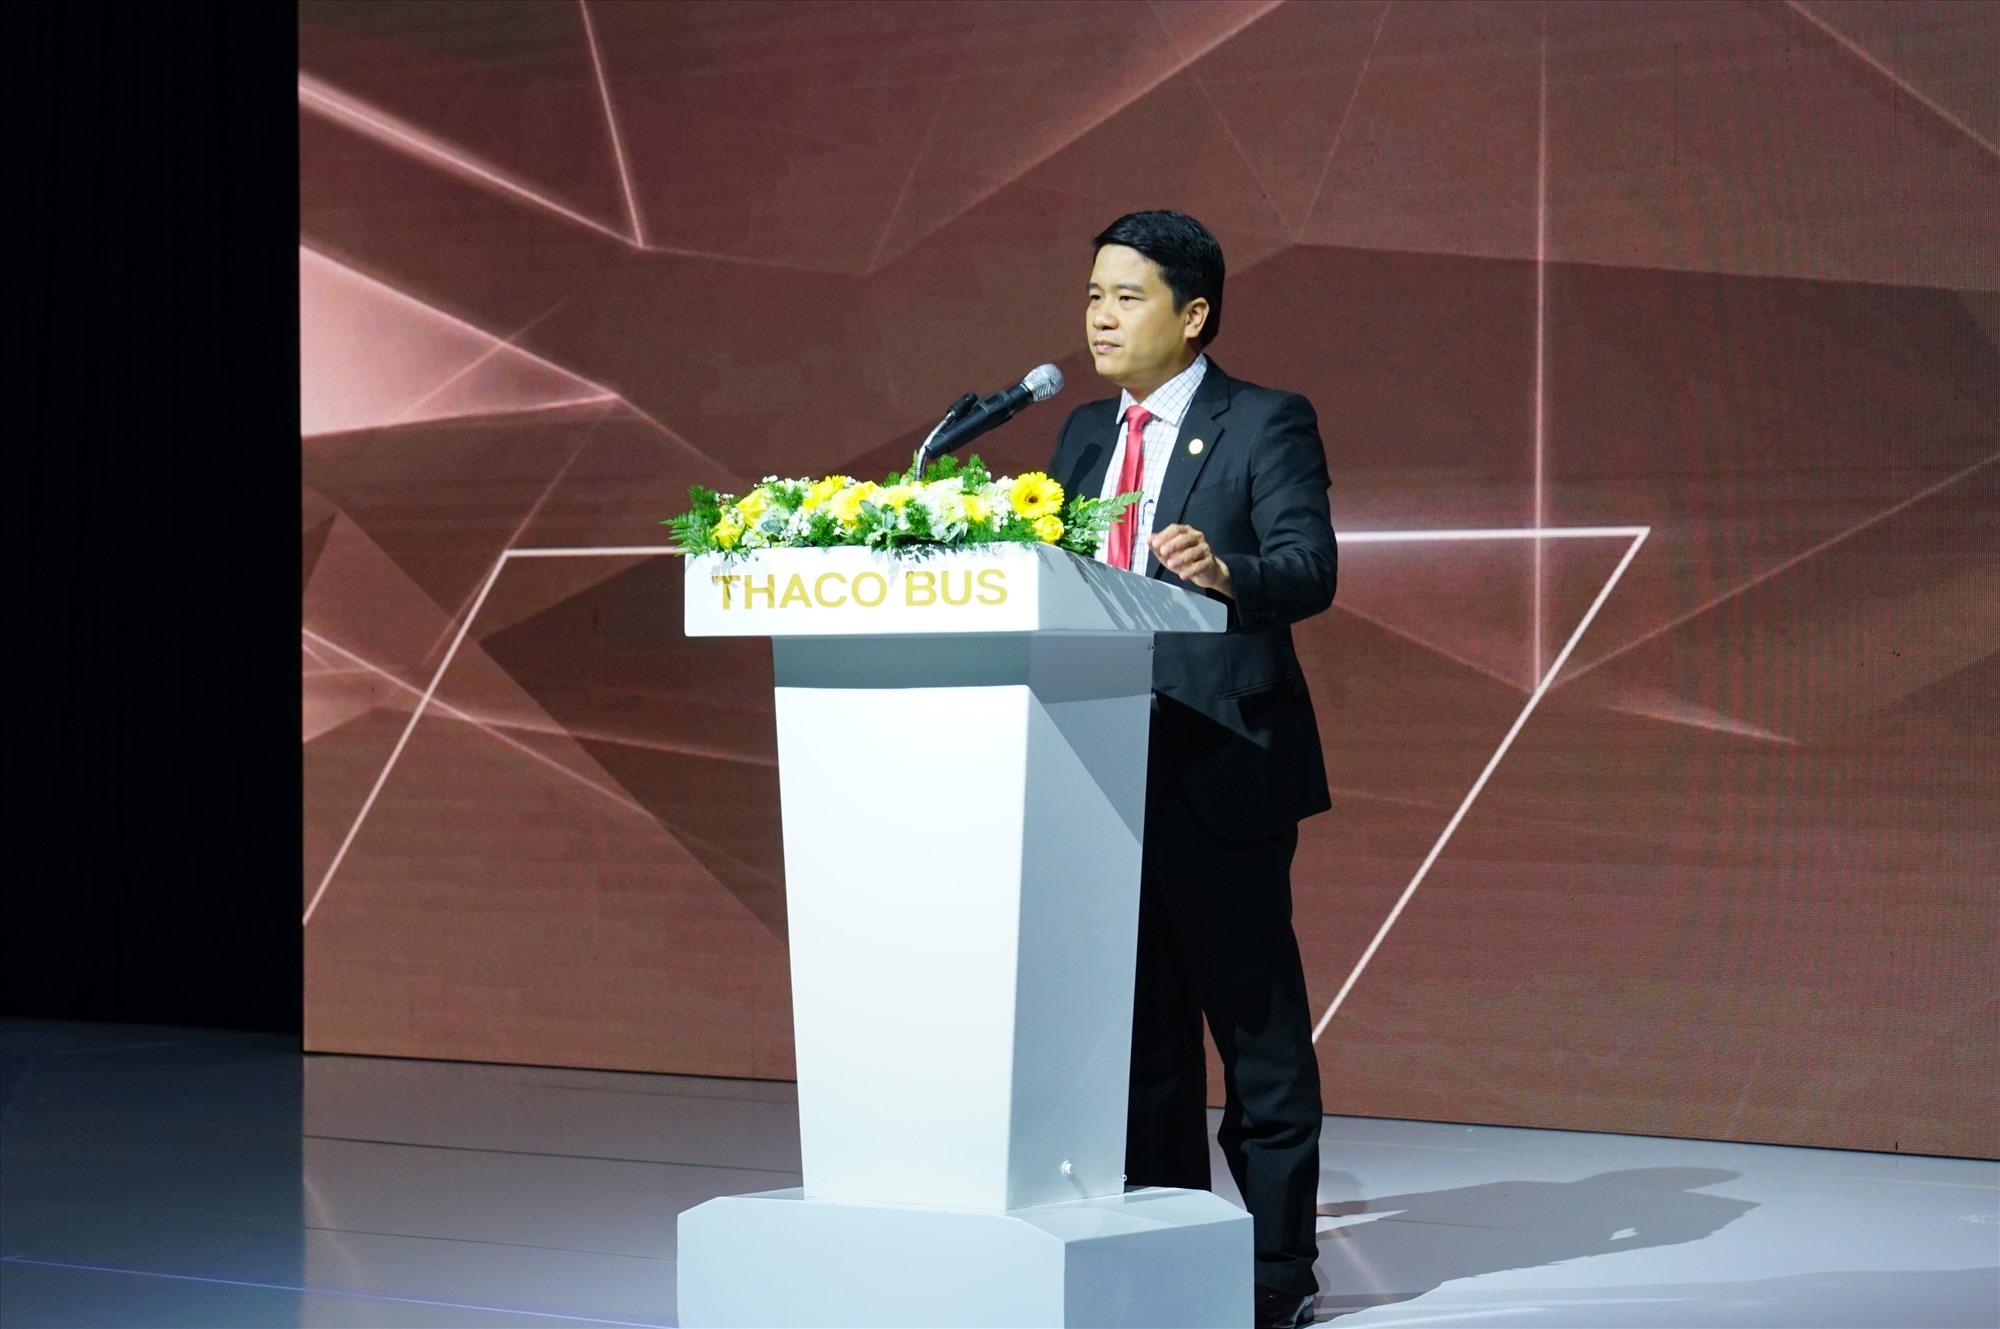 Phó Chủ tịch UBND tỉnh Trần Văn Tân phát biểu